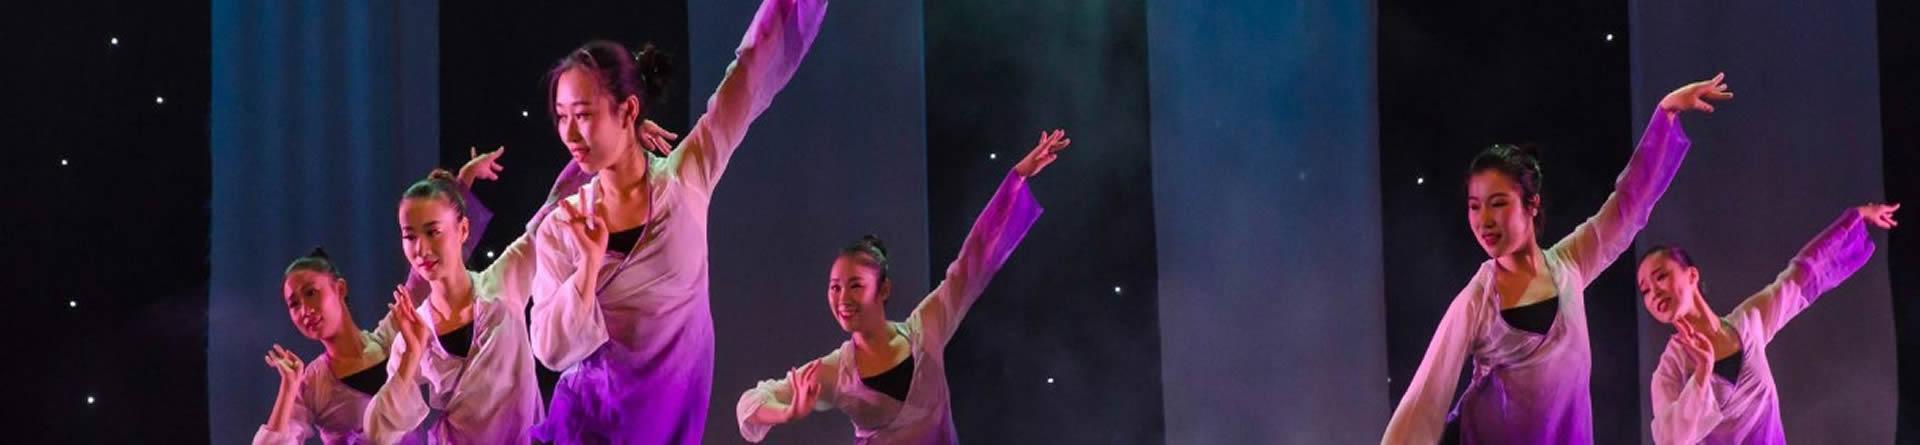 郑州I SOLO舞蹈艺术培训